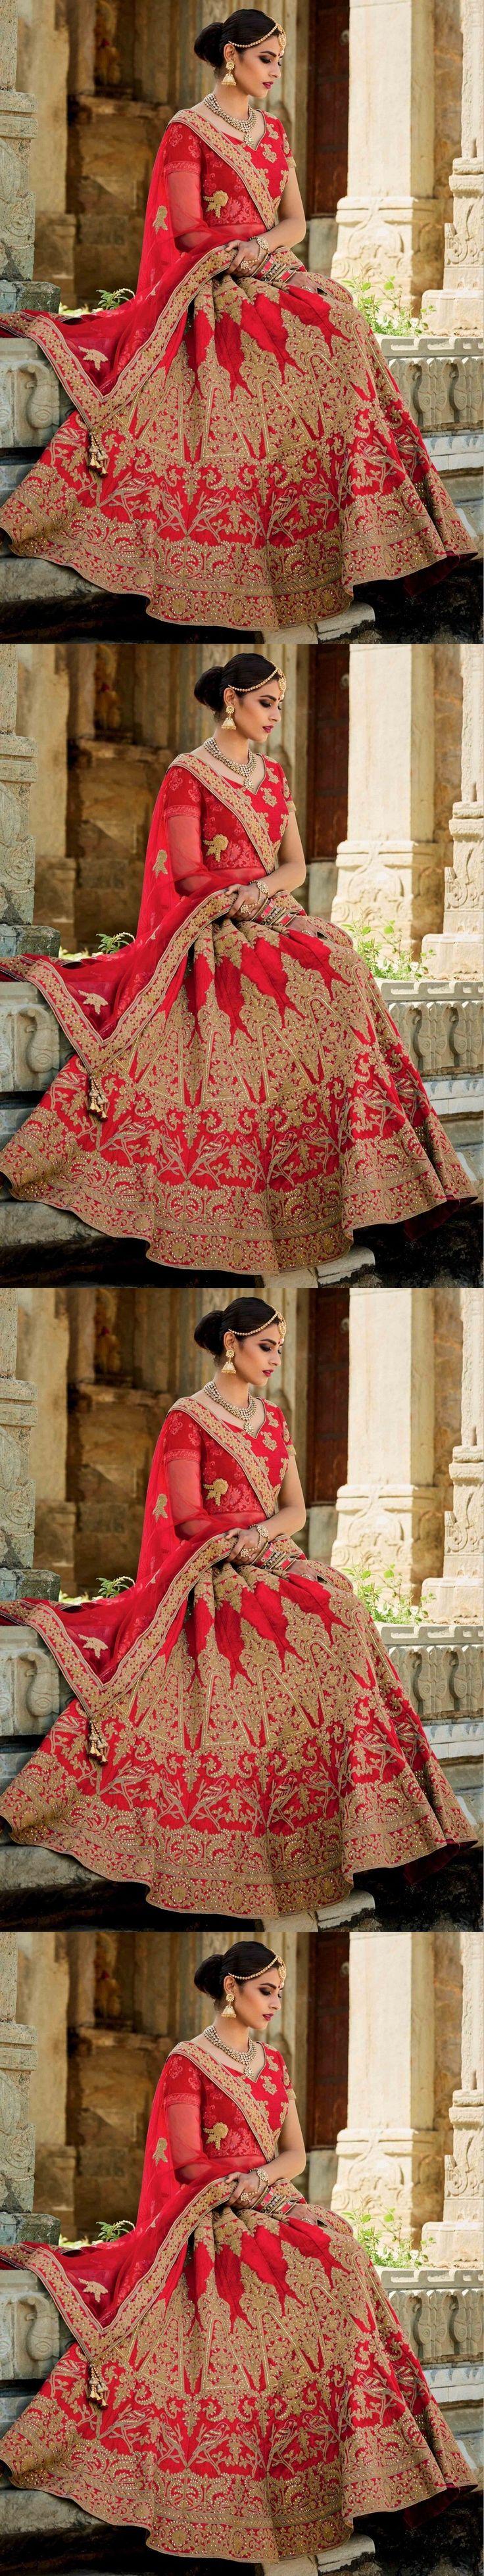 Sari Saree 155250: Designer Lehenga Indian Pakistani Bridal Lehenga Choli Wedding Party Wear -> BUY IT NOW ONLY: $128 on eBay!